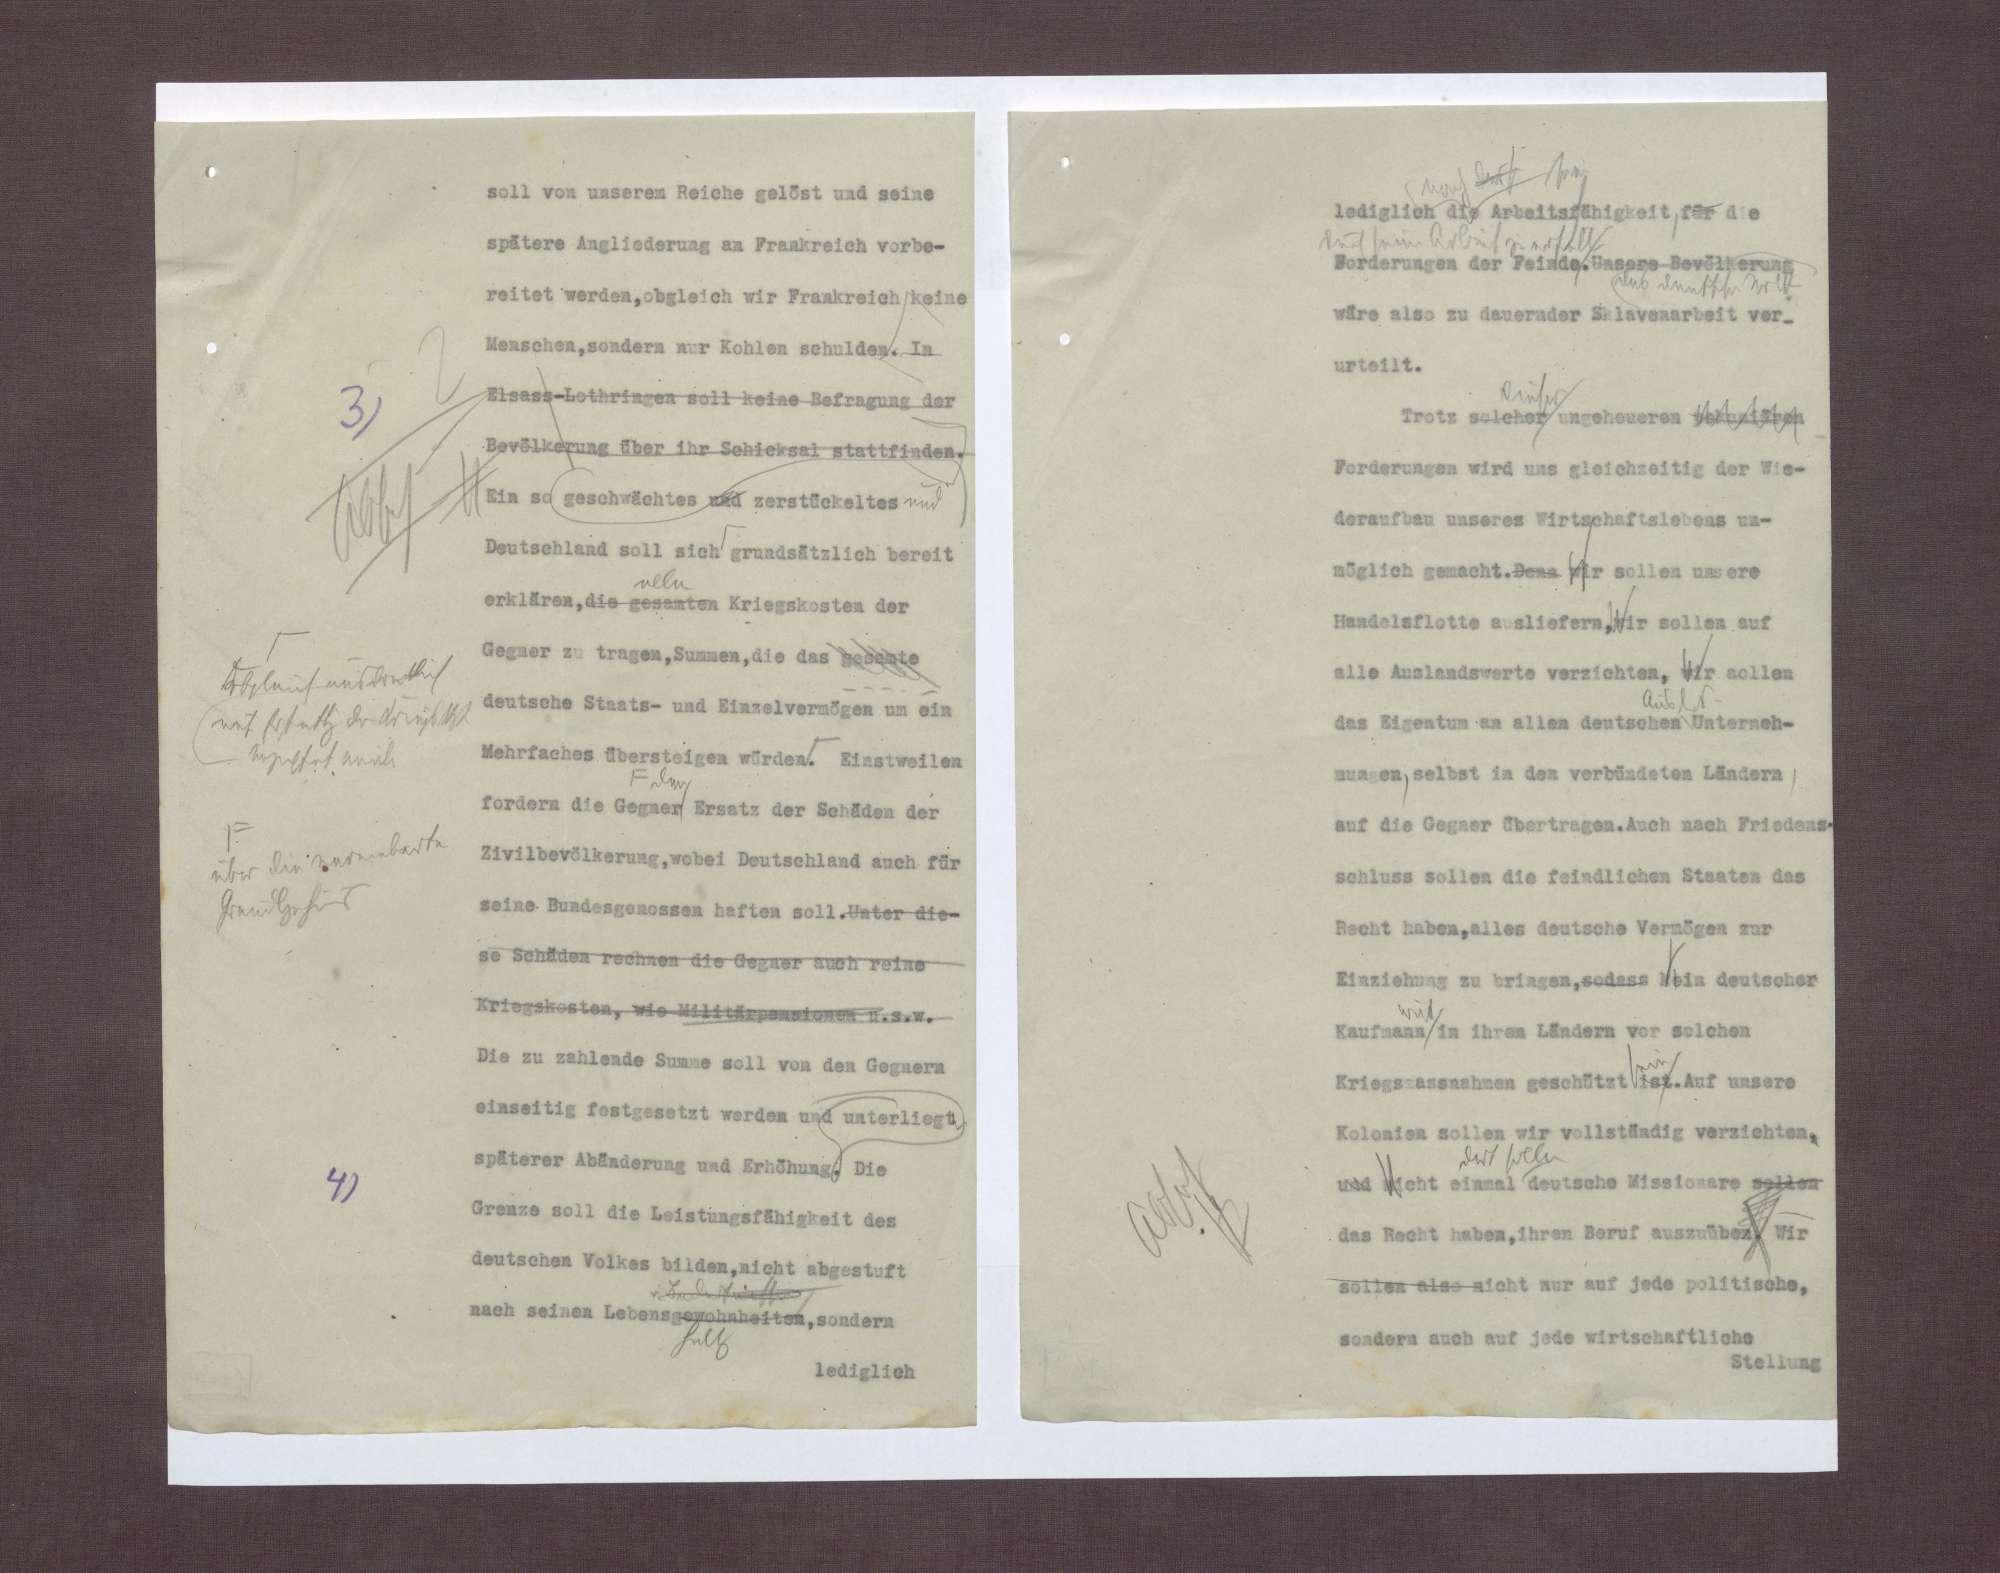 Übergabe der Observation der deutschen Delegation bzgl. der Friedensbedingungen, Bild 2